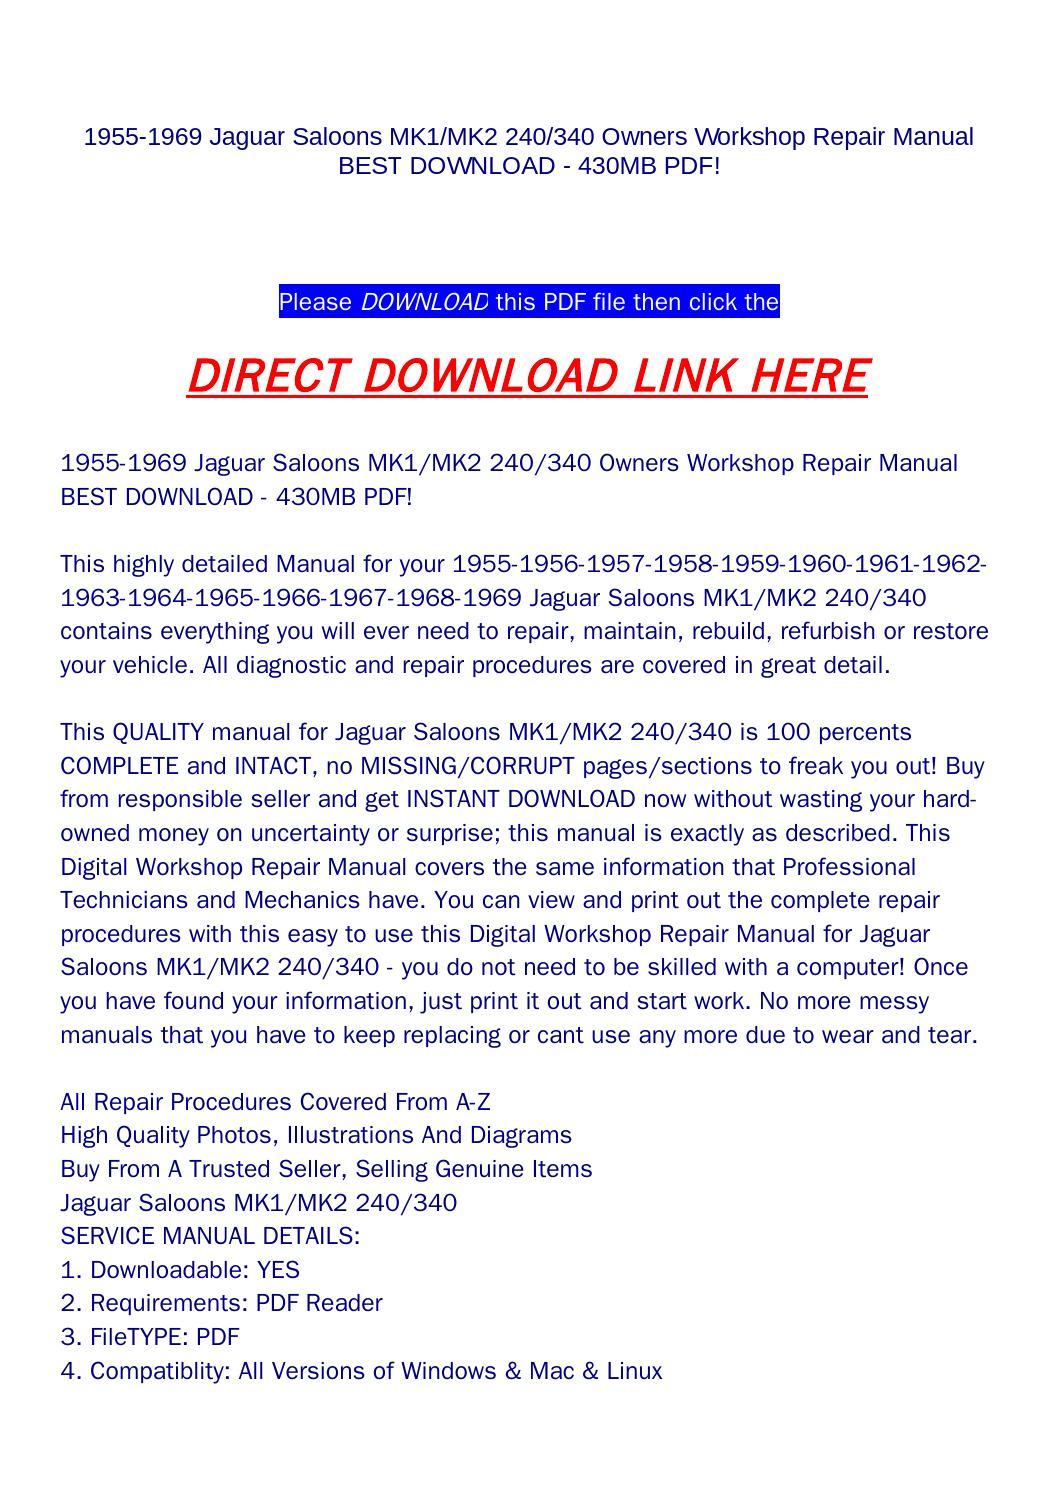 1955 1969 Jaguar Saloons Mk1 Mk2 240 340 Owners Workshop Repair 1958 Wiring Diagram Manual Best Download 430mb Pdf By Rock Pagelargecom Issuu